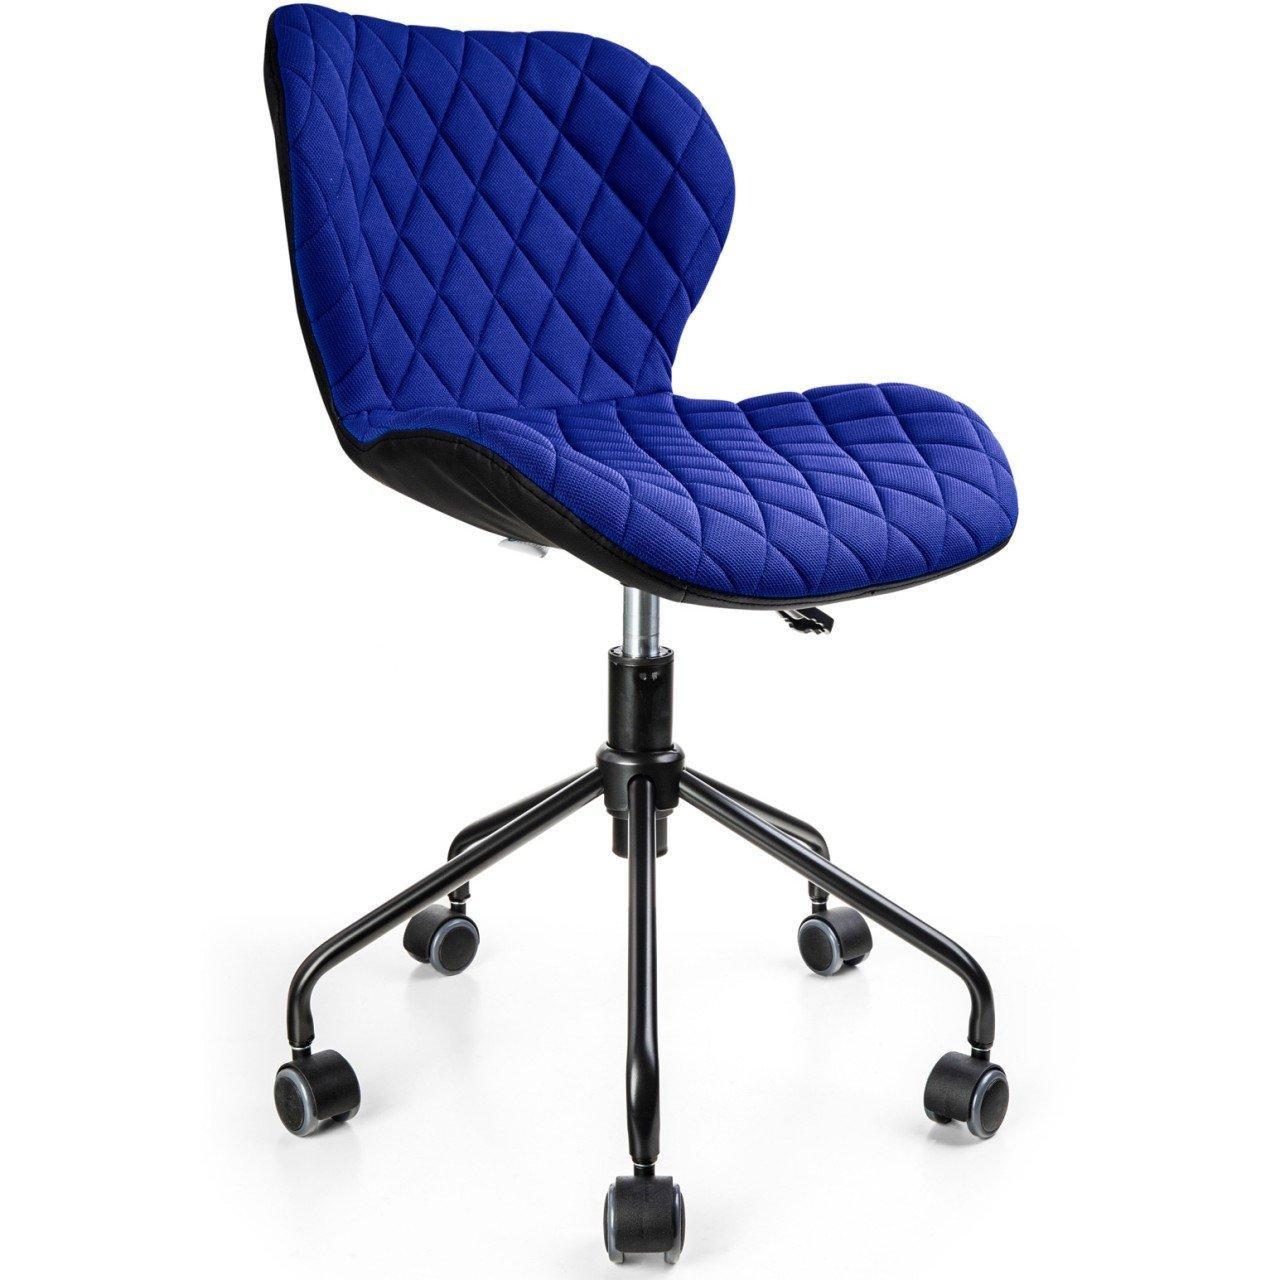 Крісло офісне Moderna від Vecotti, комп'ютерне крісло, офісне крісло